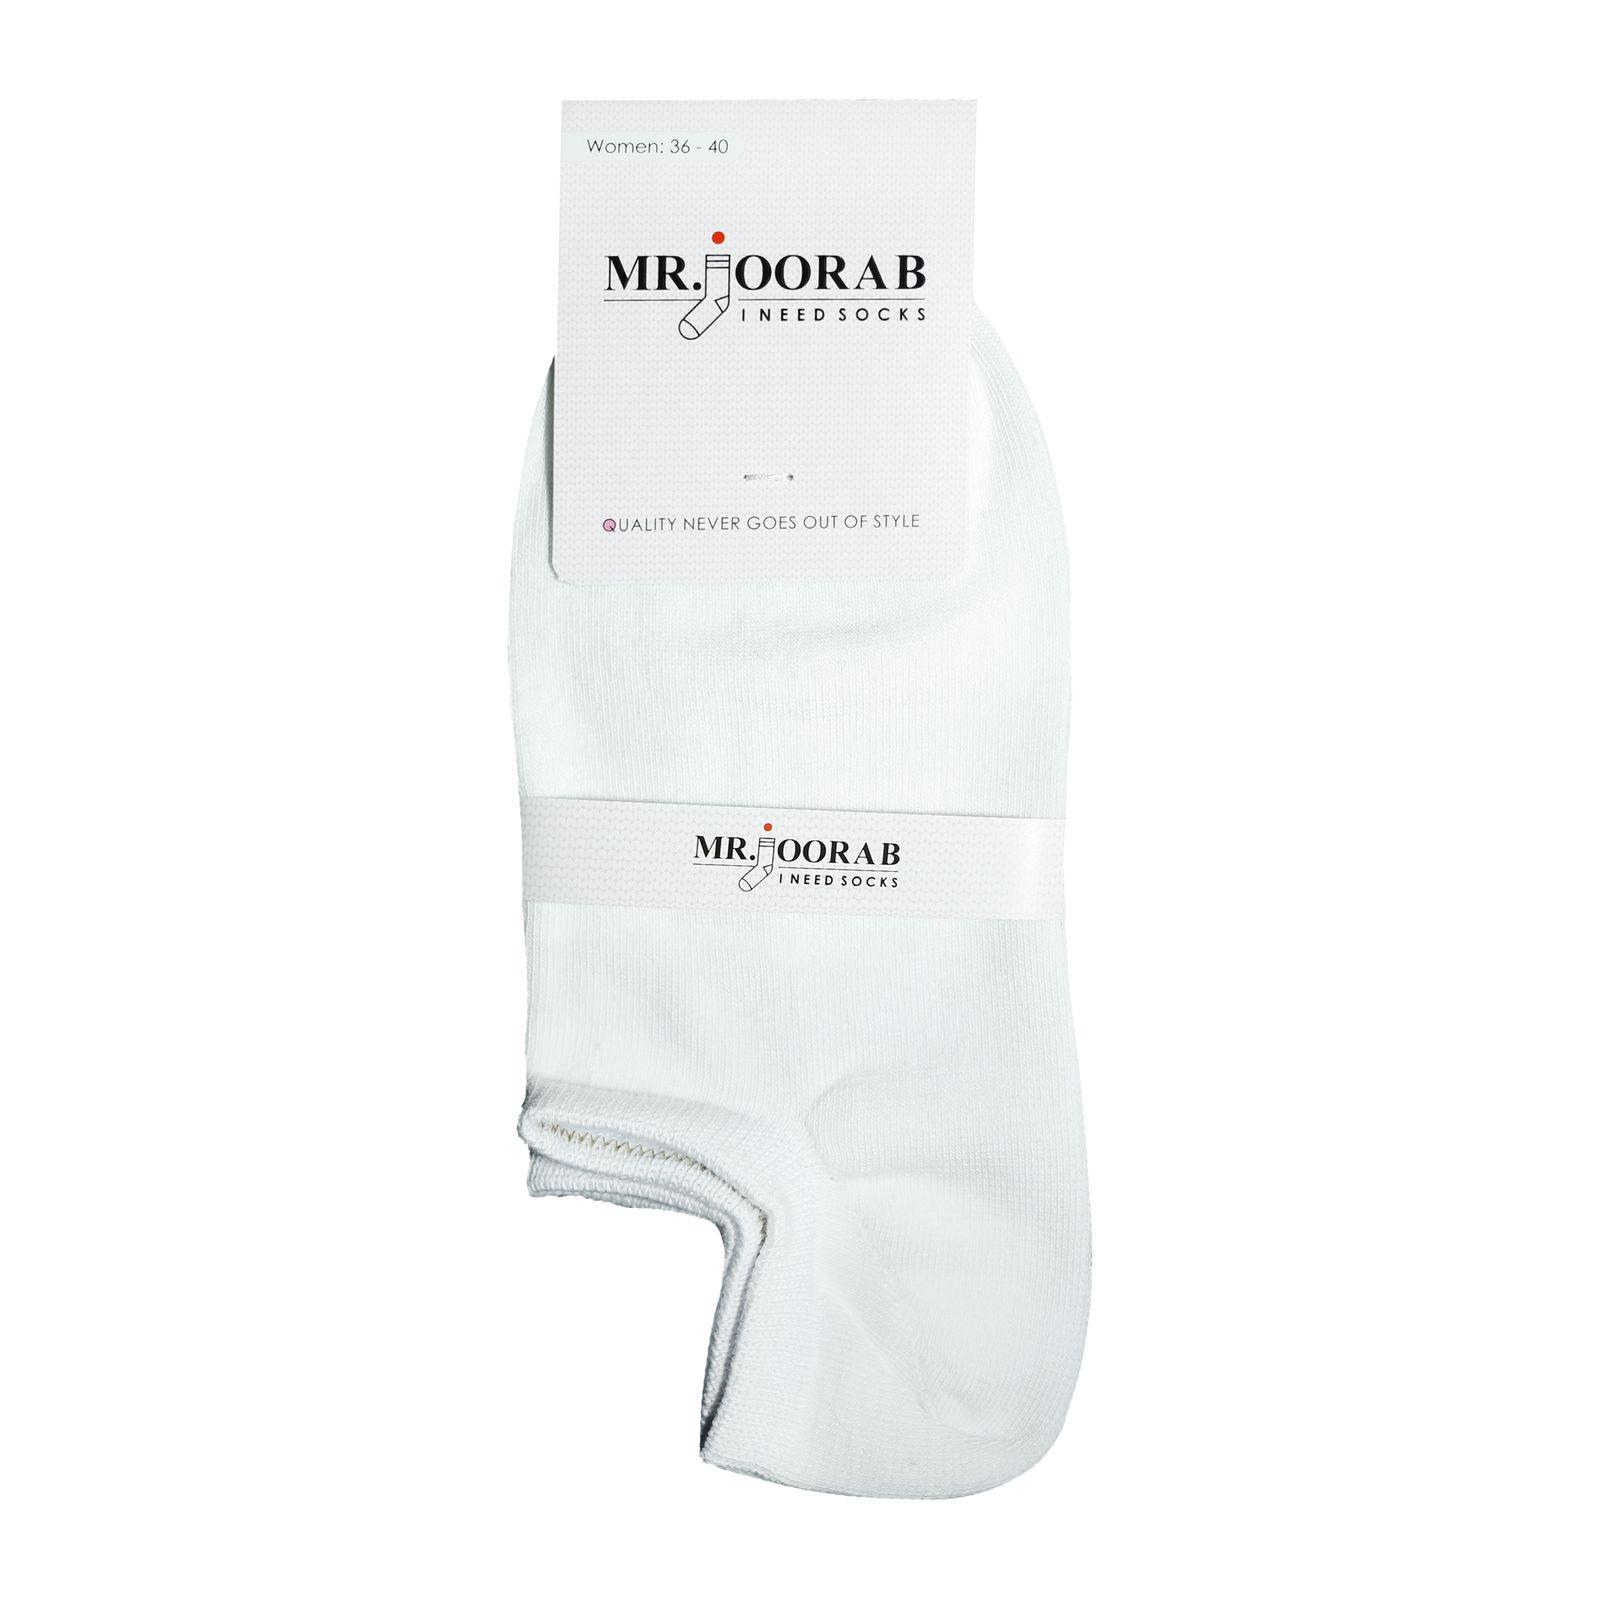 جوراب زنانه مستر جوراب کد BL-MRM 211 بسته 8 عددی -  - 3